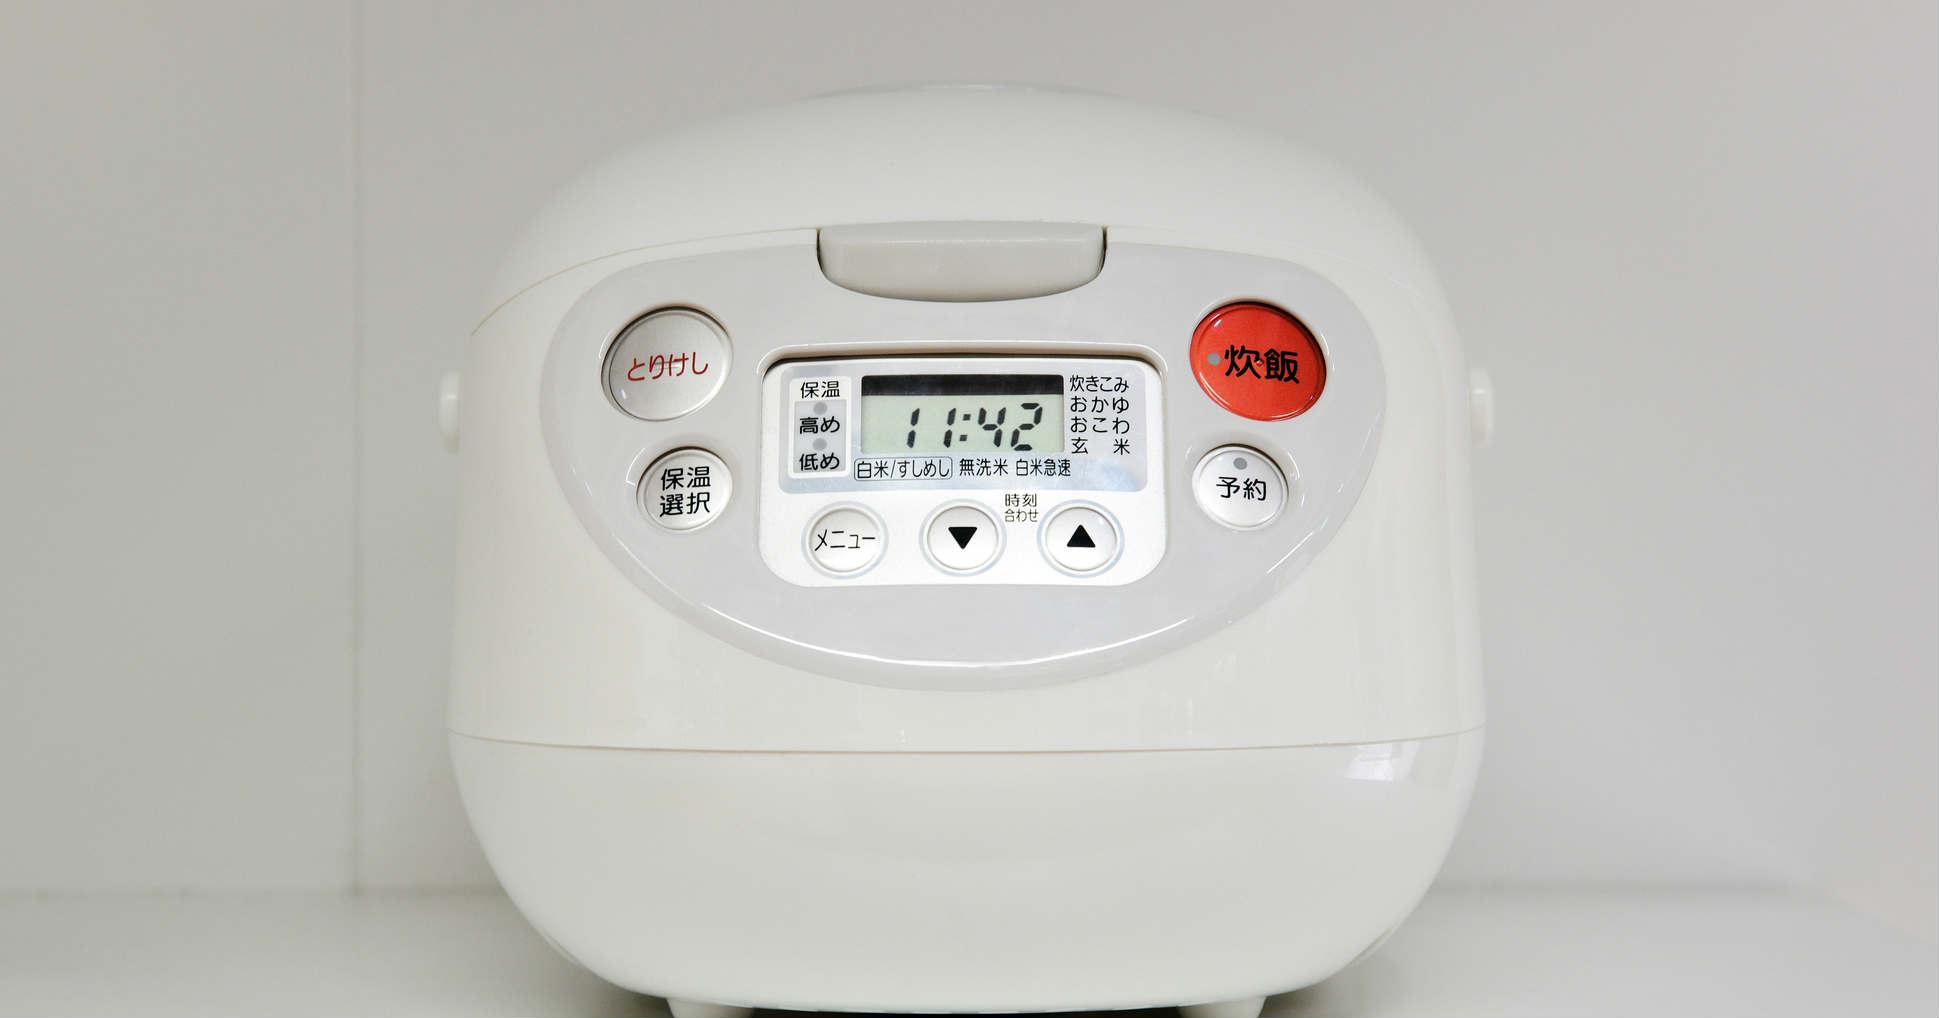 炊飯器を3合炊きで選ぶ際のコツ メーカーごとの特徴とモデルを解説